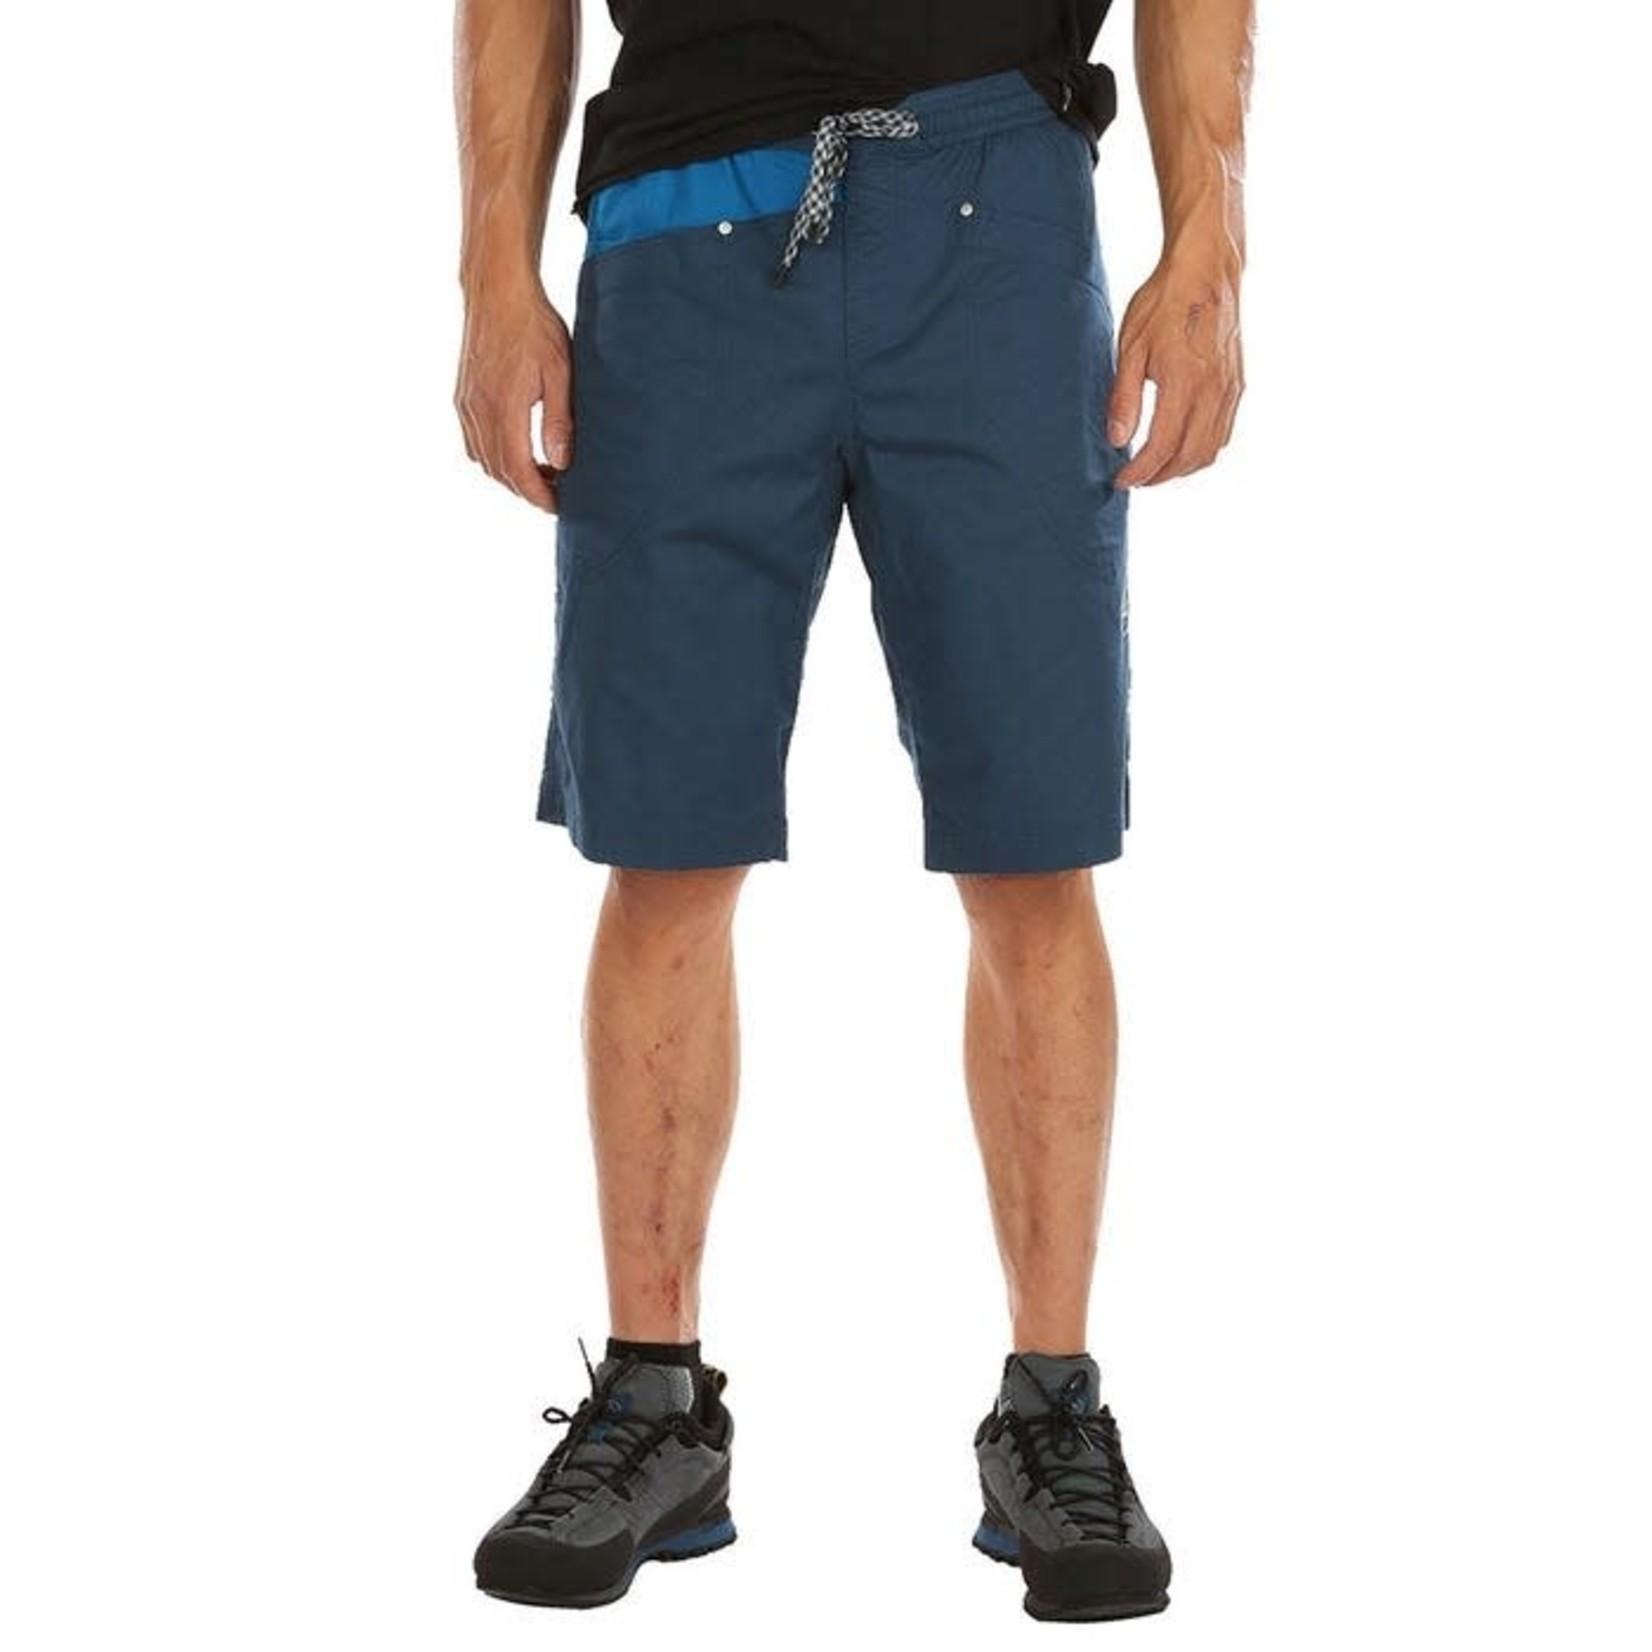 La Sportiva Short La Sportiva  Bleauser - Homme